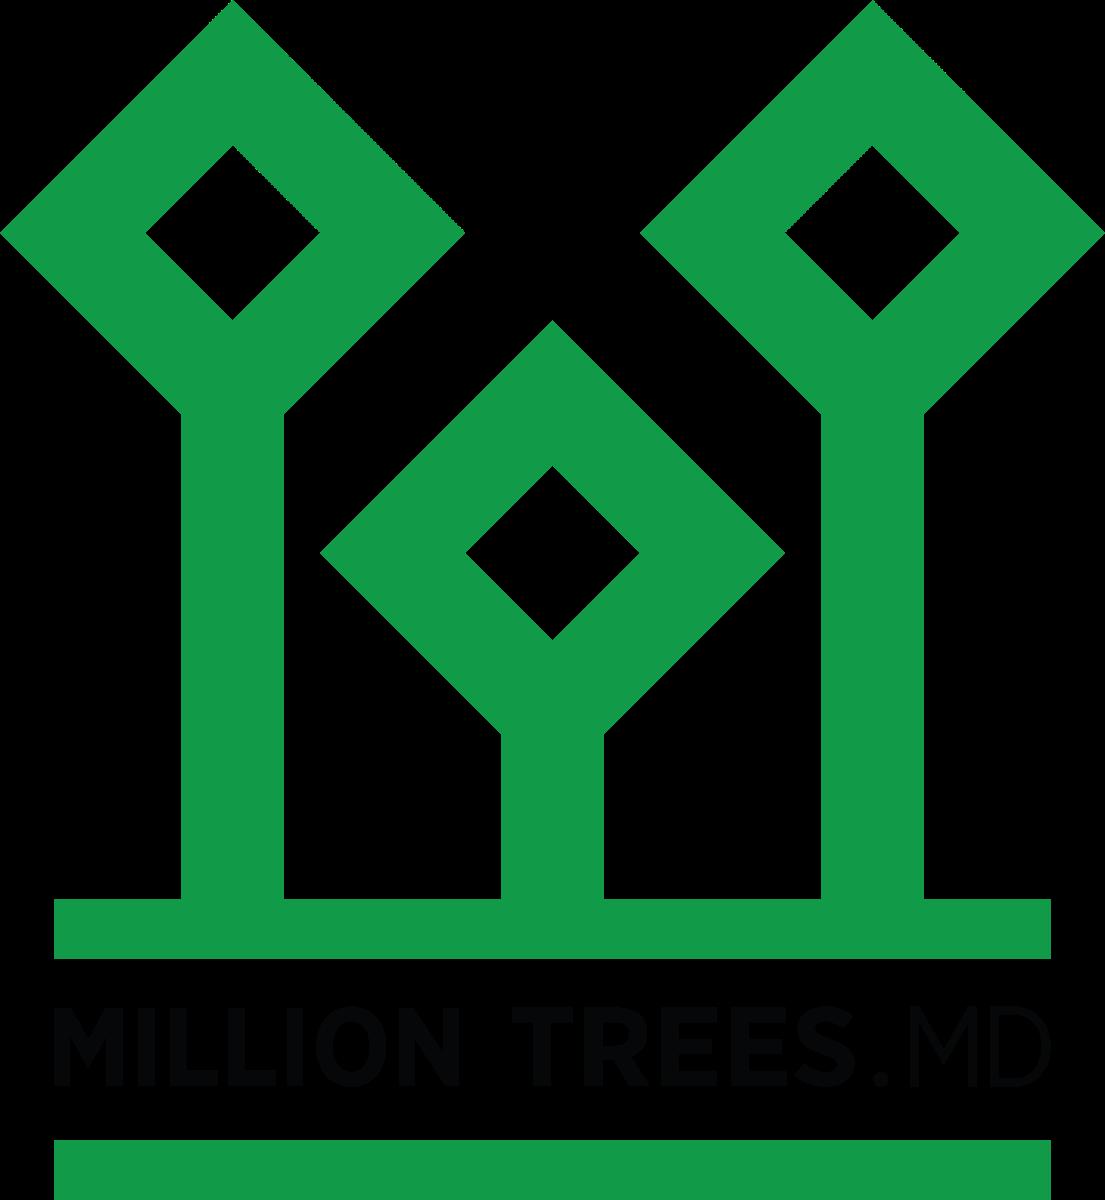 Million Trees Moldova